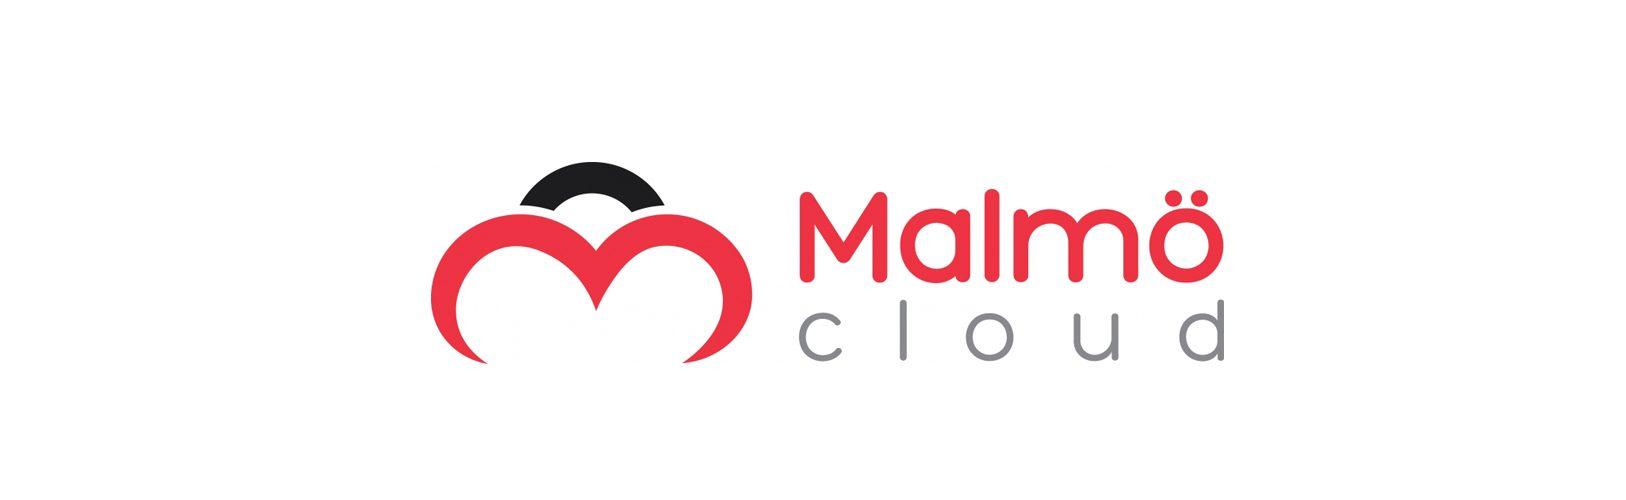 Malmo Cloud